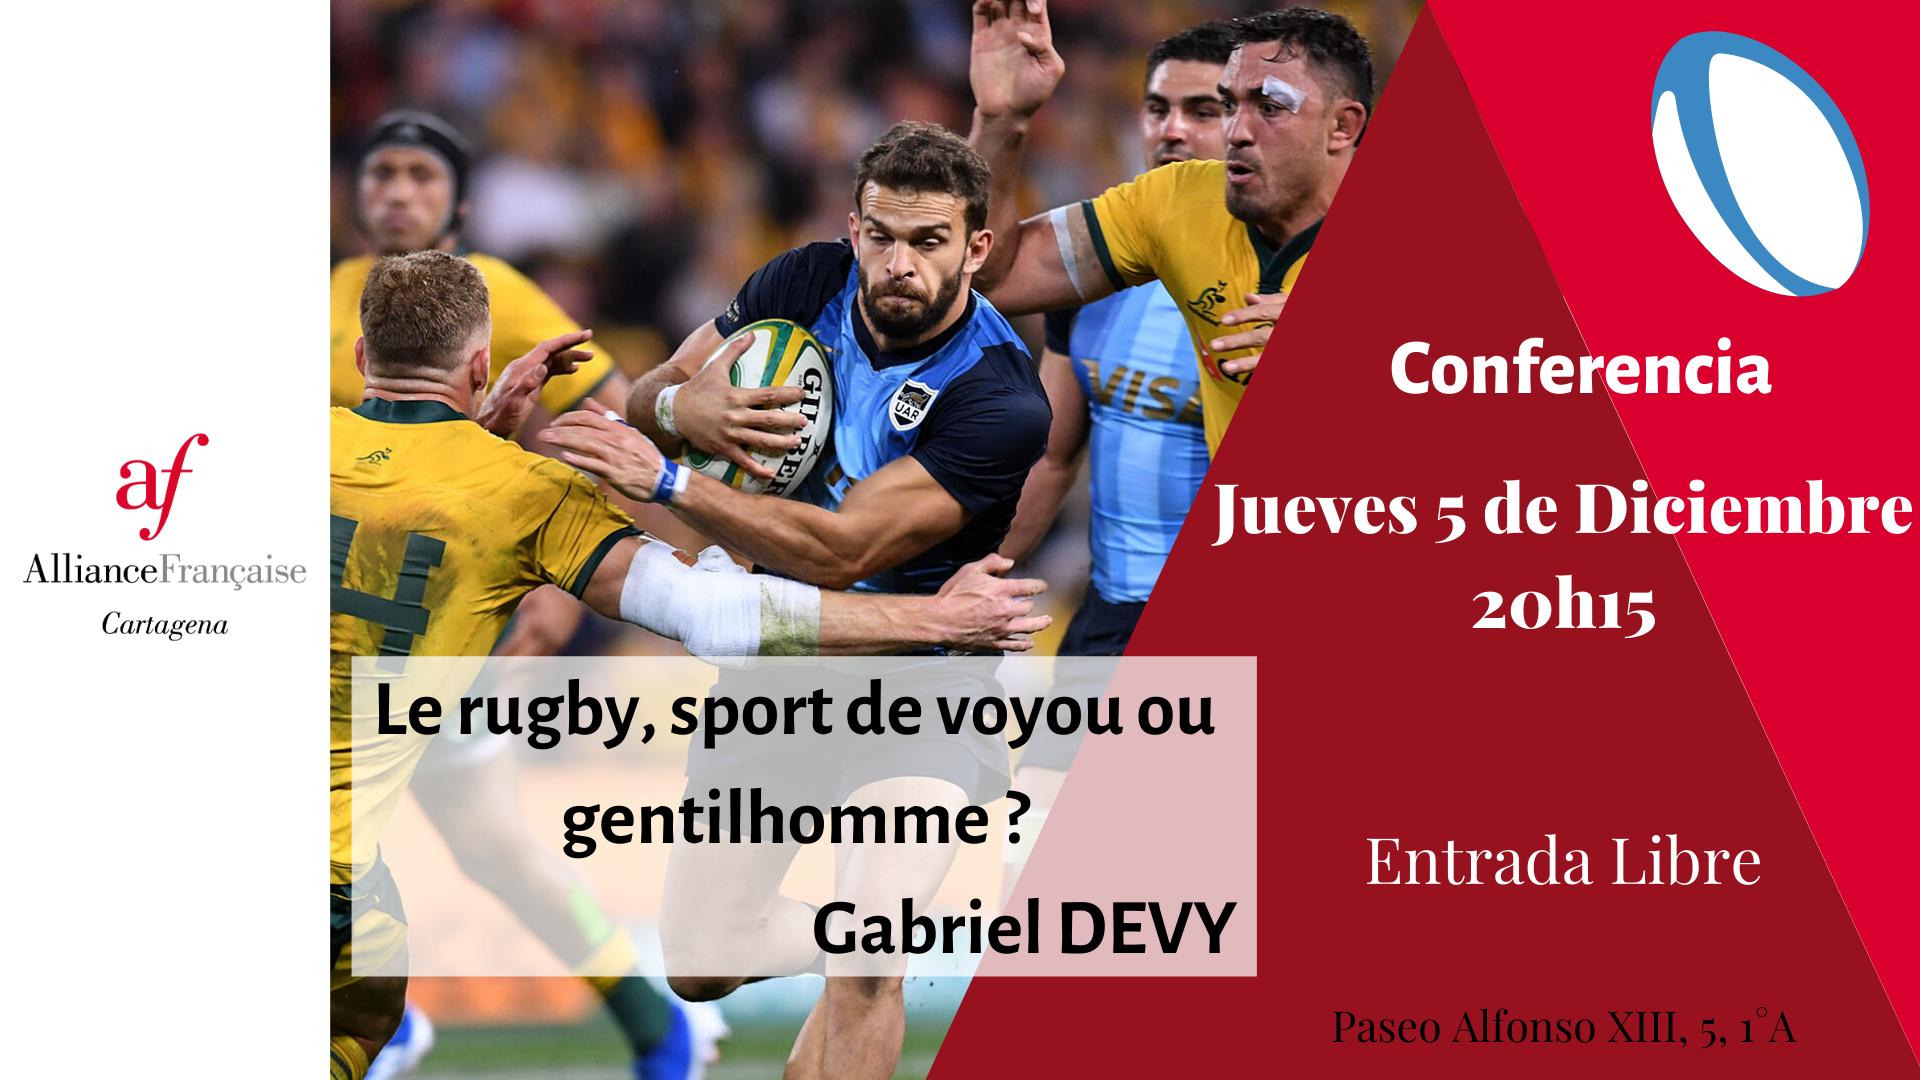 Conferencia: Le rugby, sport de voyou ou gentilhomme? 6